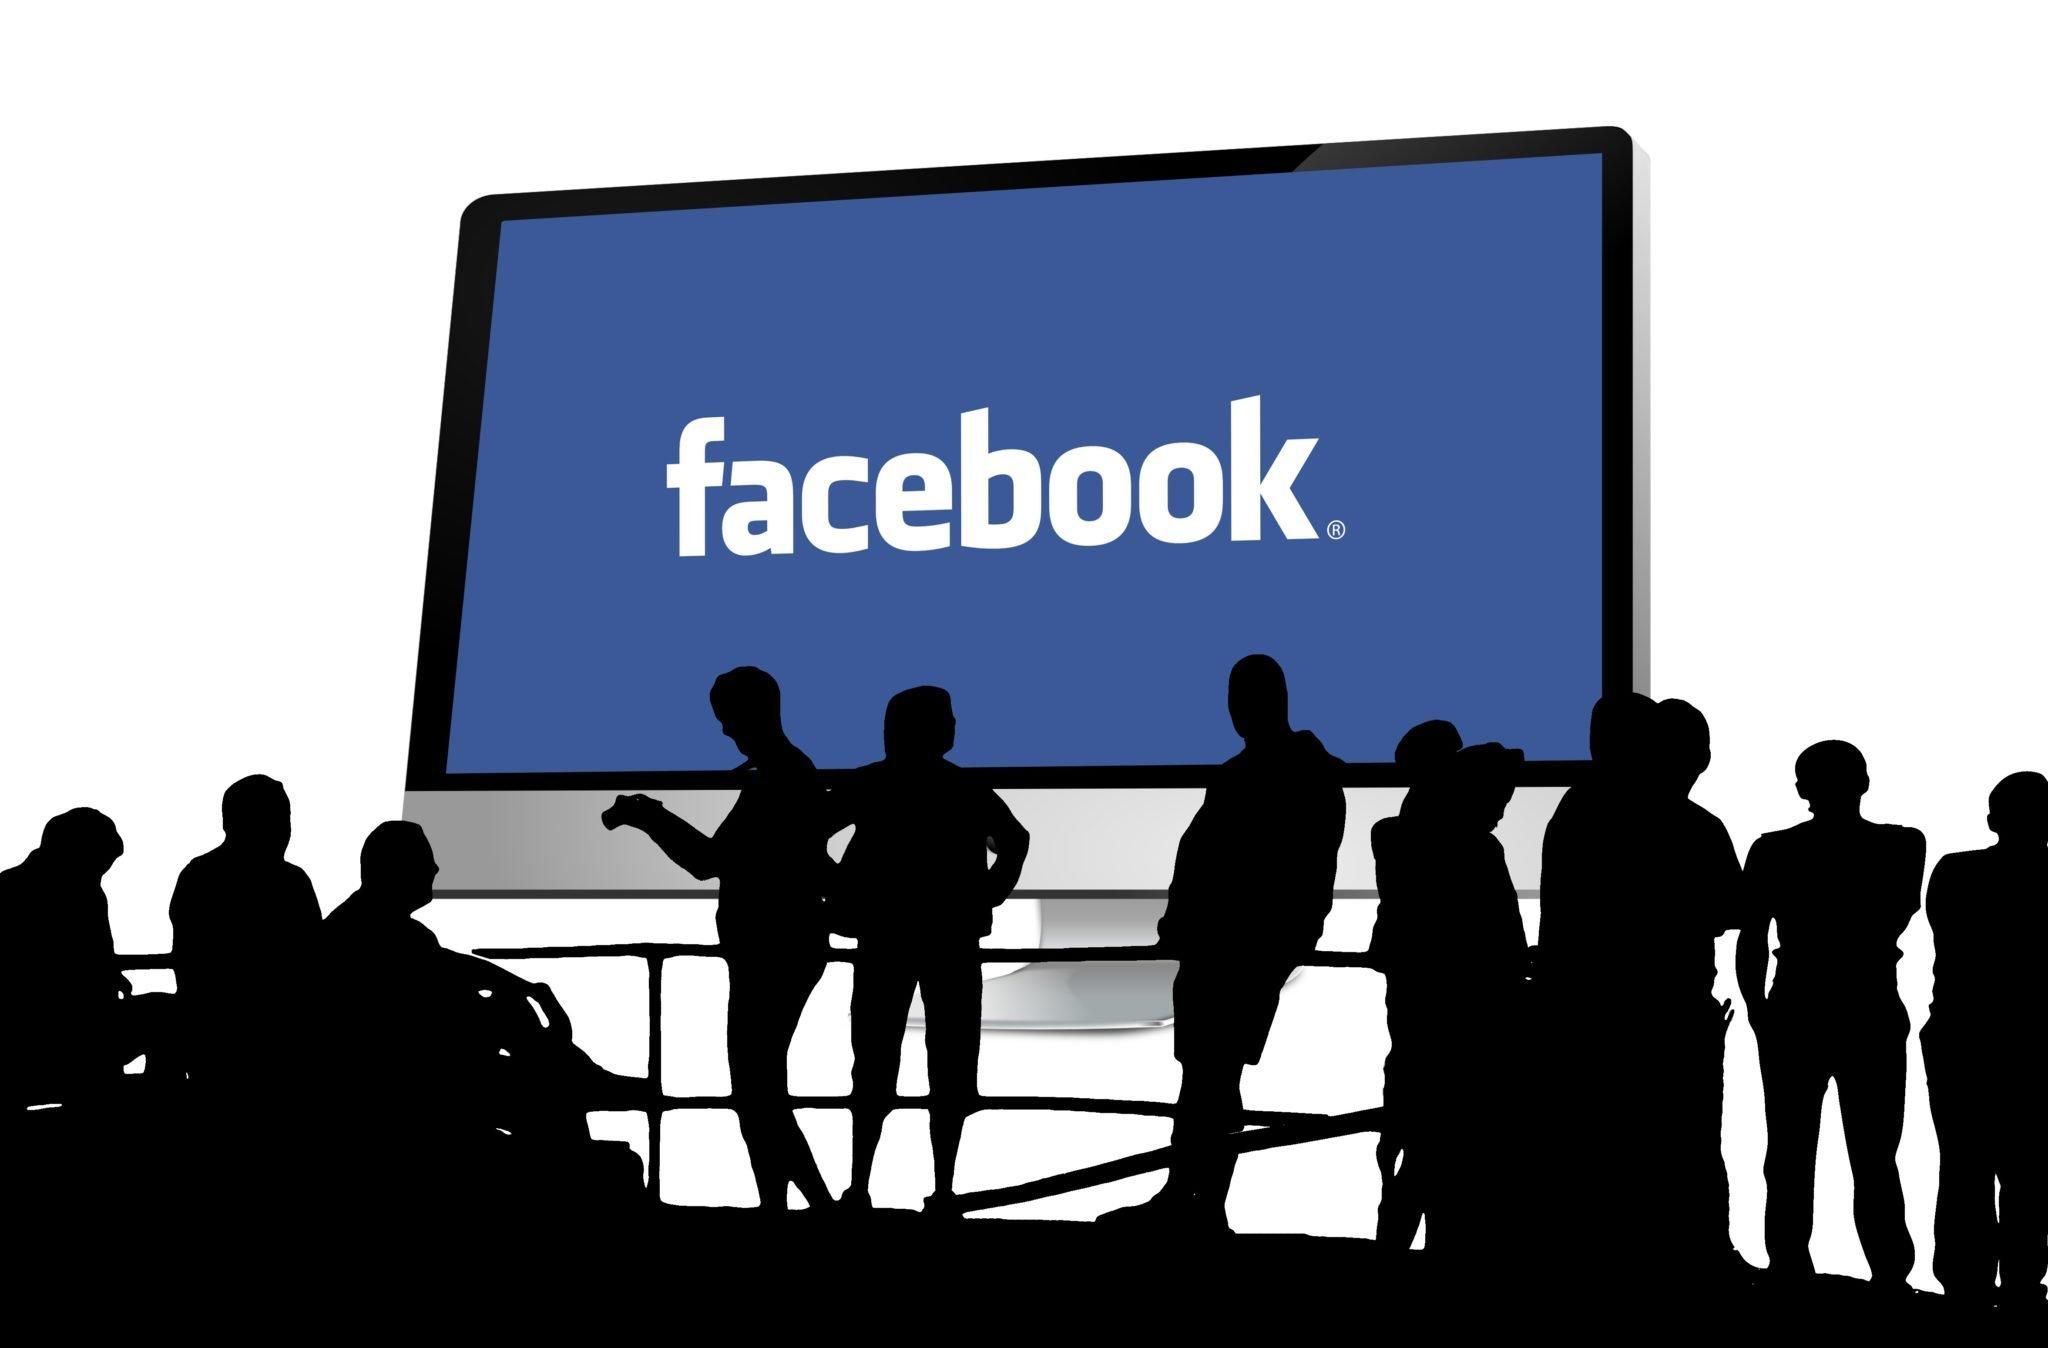 Как создать аккаунт Фейсбук без номера телефона бесплатно